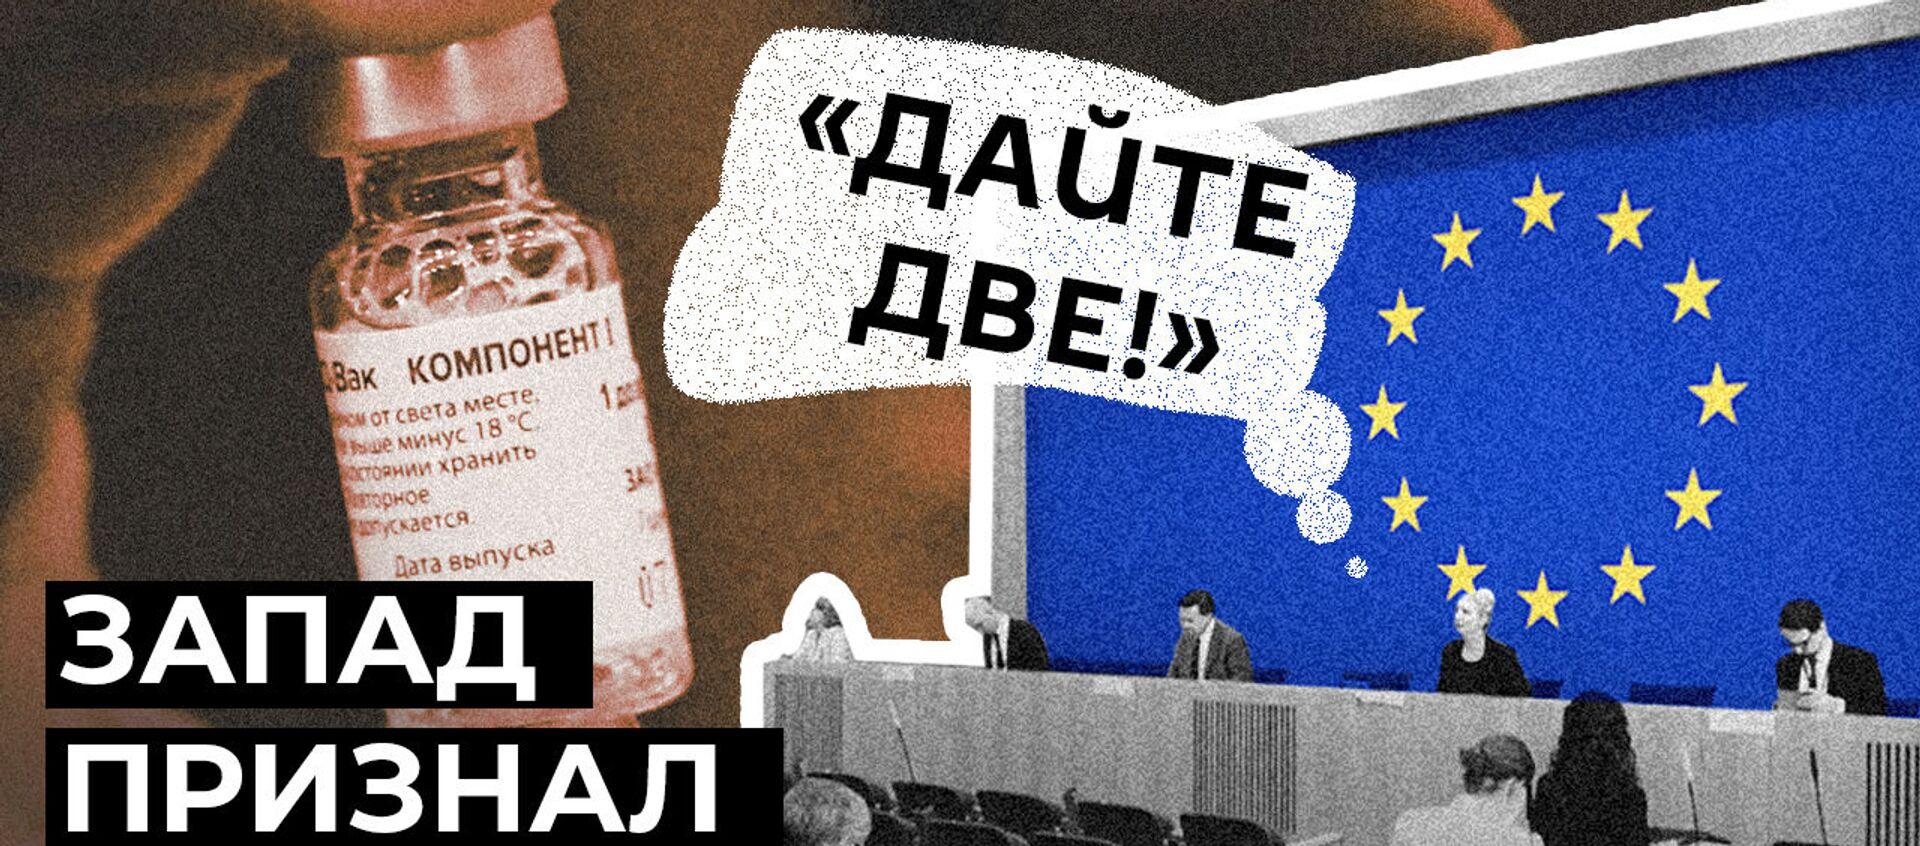 Мы совершили ошибку: дефицит вакцин заставил ЕС присмотреться к Спутнику V - Sputnik Таджикистан, 1920, 13.02.2021